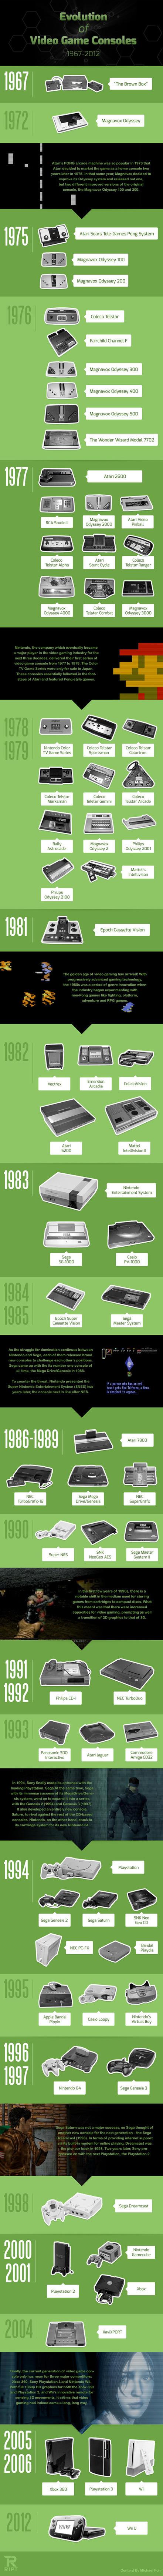 Infographie : évolution des consoles de jeux-vidéo de 1967 à 2012 | Geeks | Scoop.it